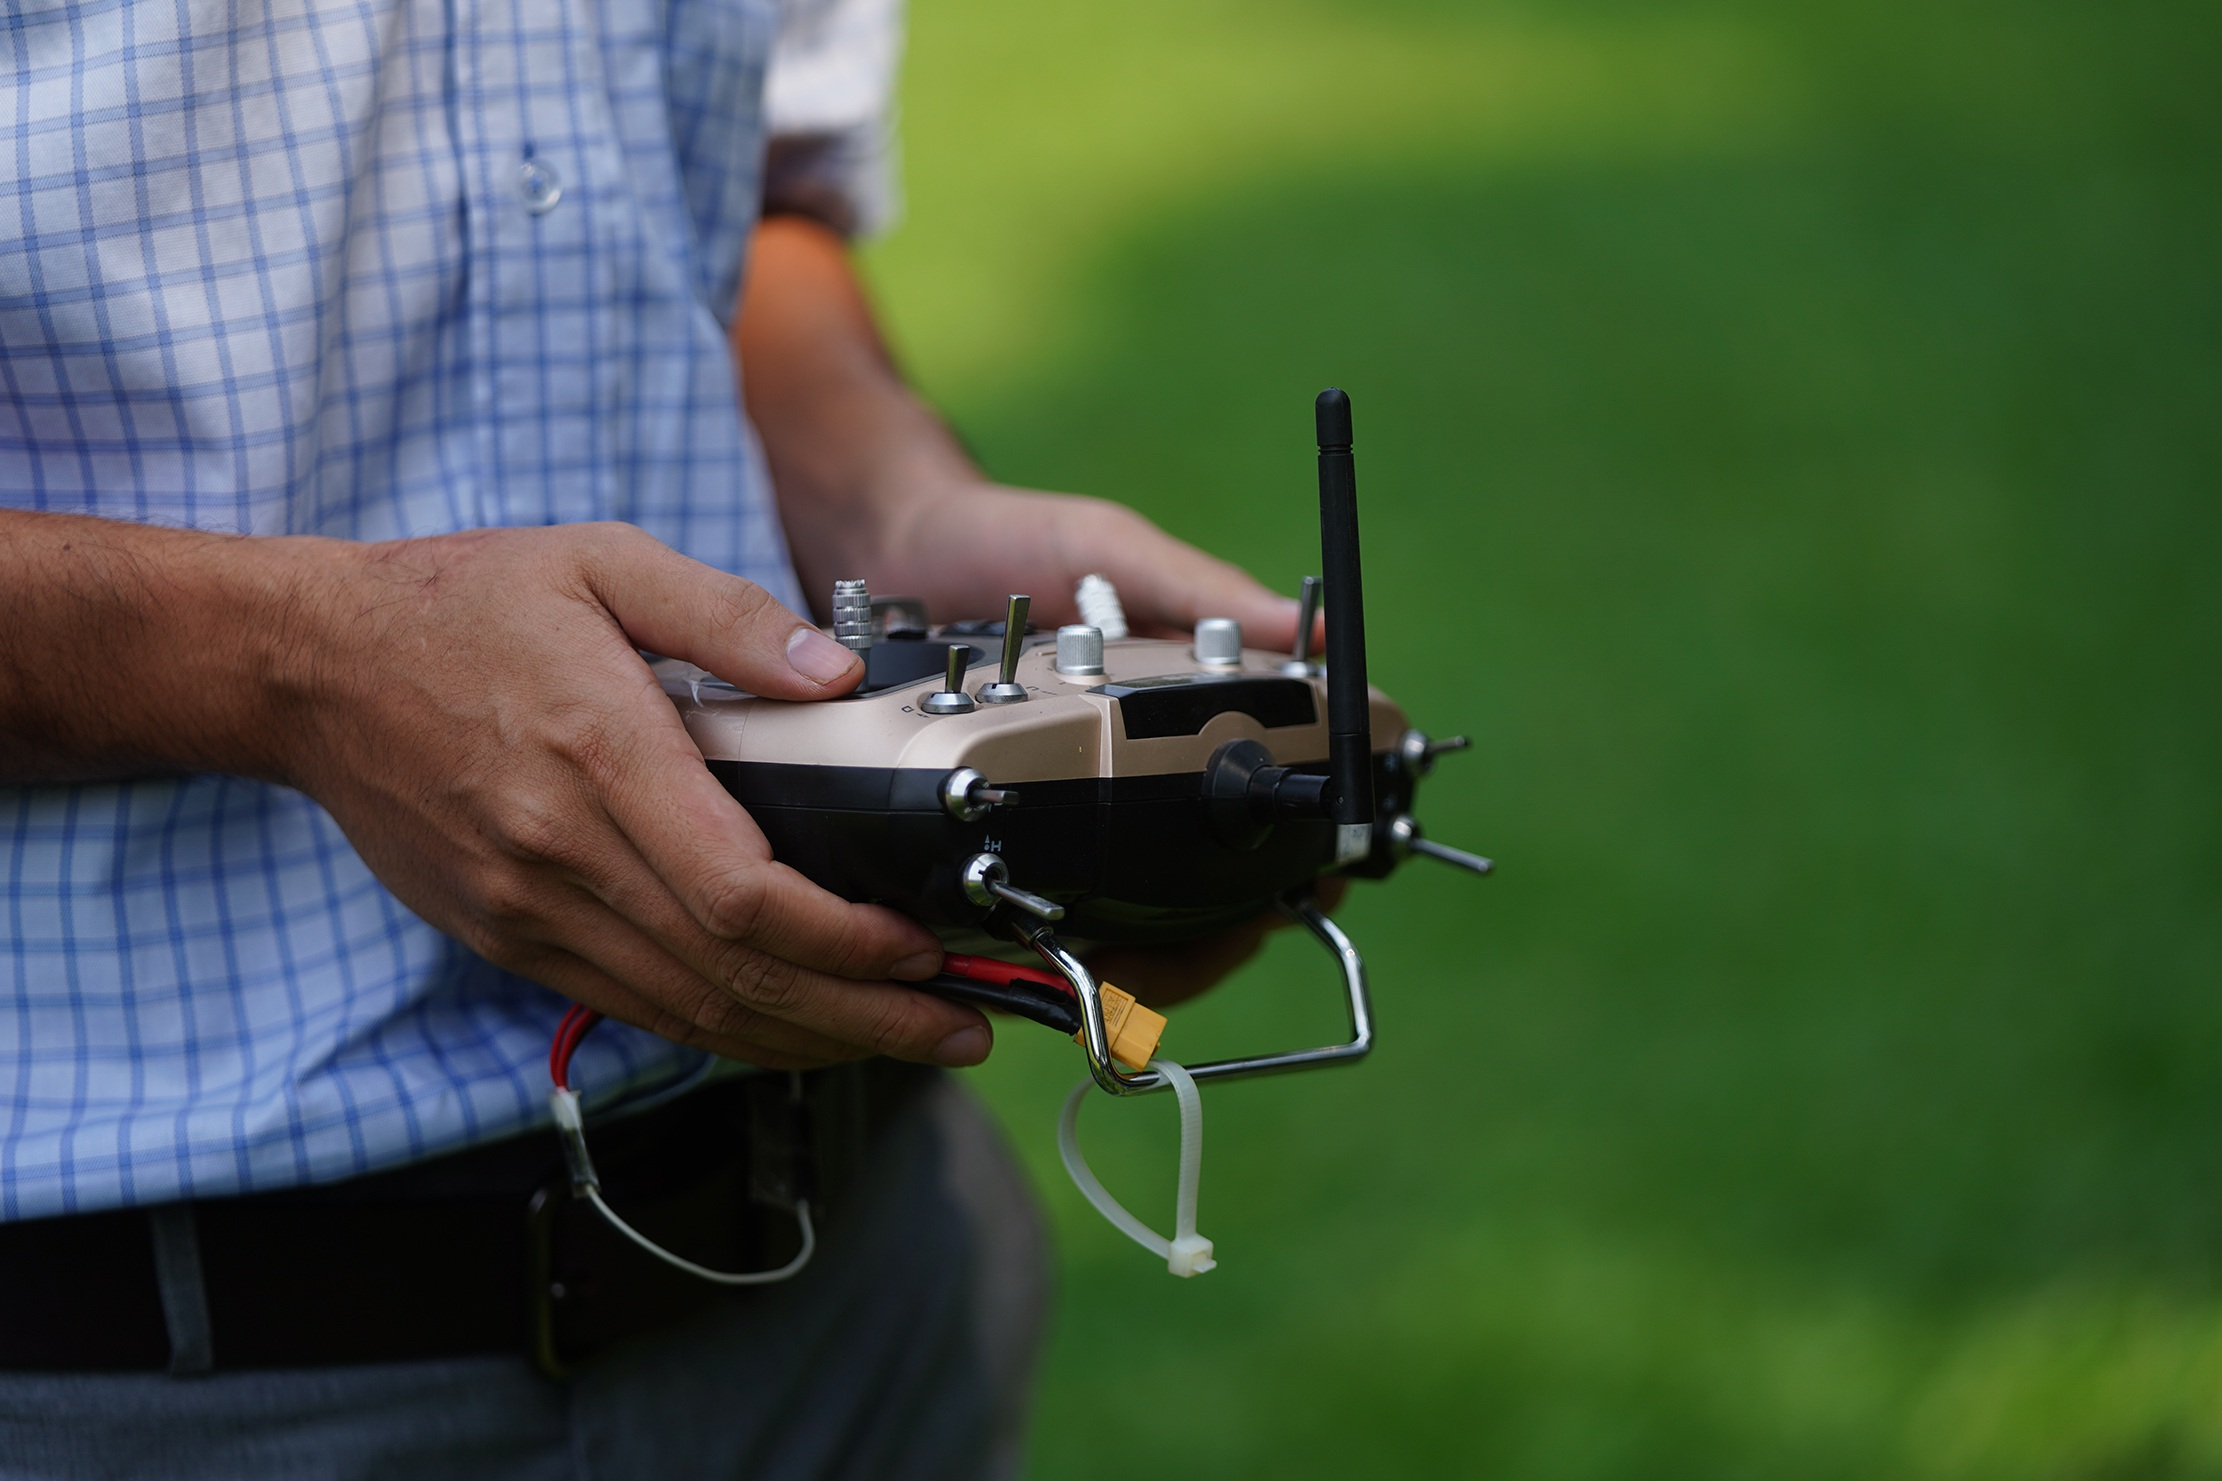 Phó giáo sư 37 tuổi chế tạo máy bay dành cho nhà nông - 20